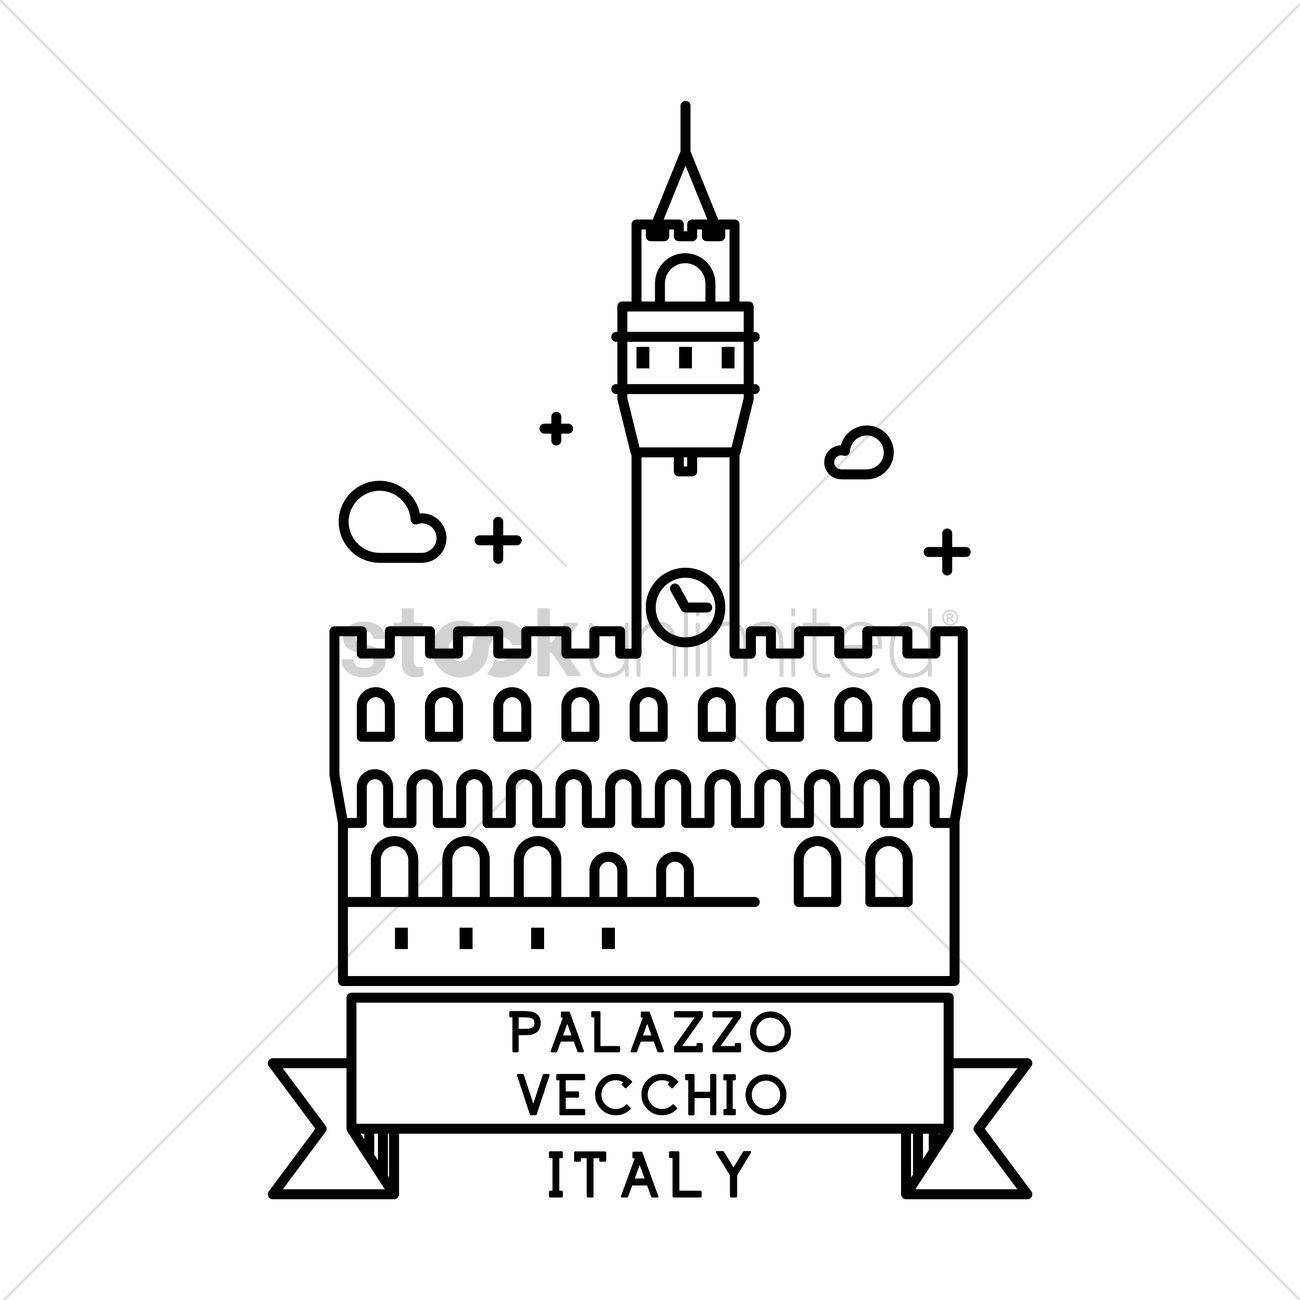 Palazzo vecchio Vector Image.